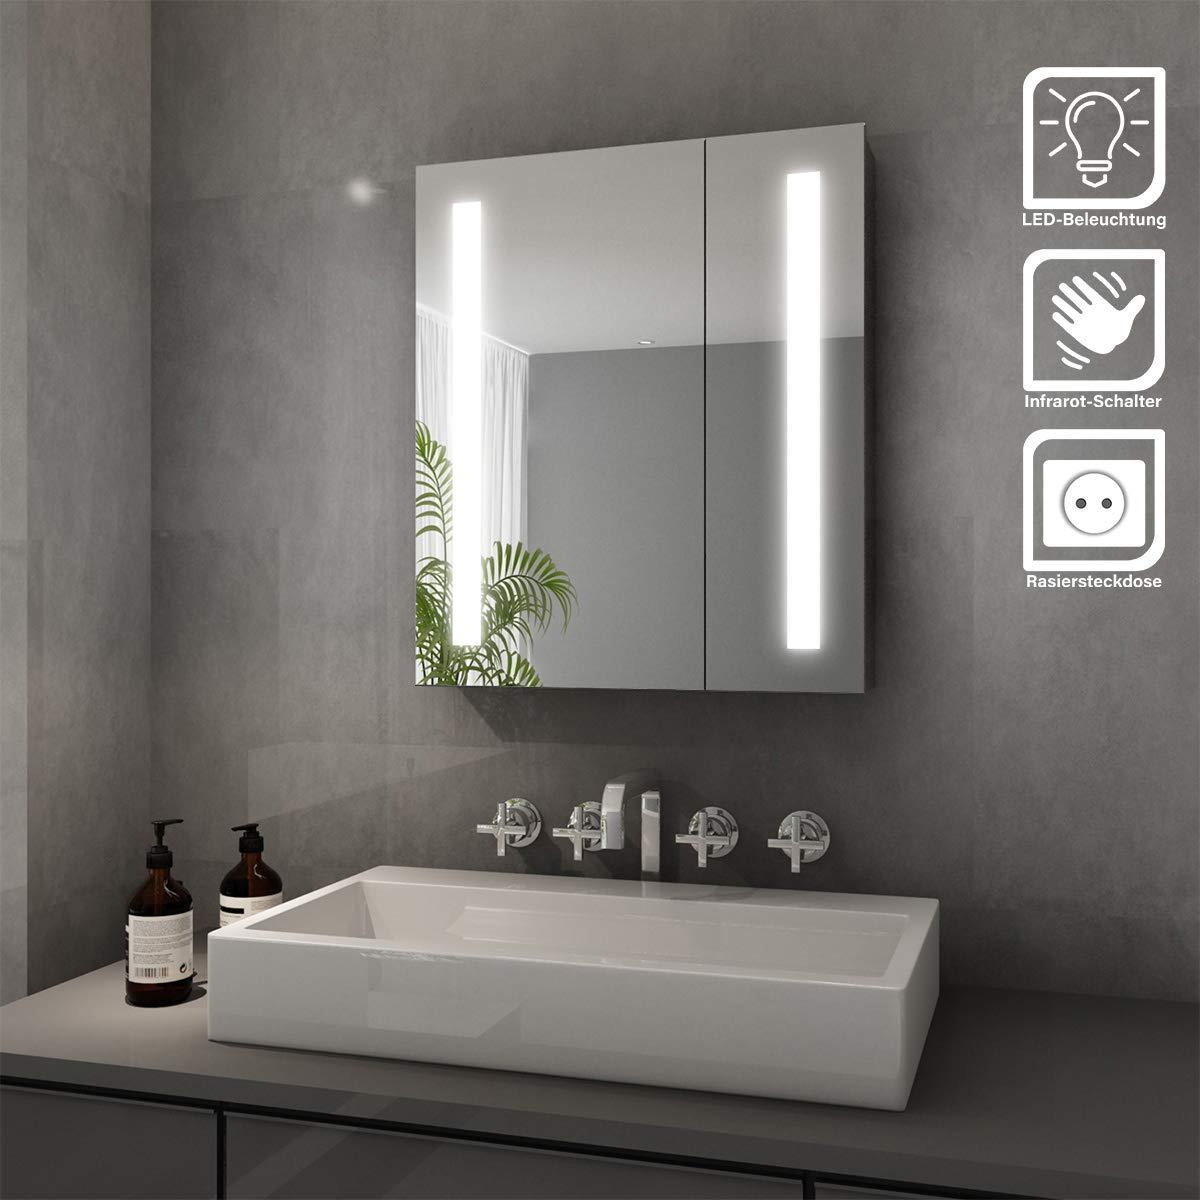 Badezimmer SONNI Spiegelschrank LED 20 türig Badezimmerspiegel mit ...